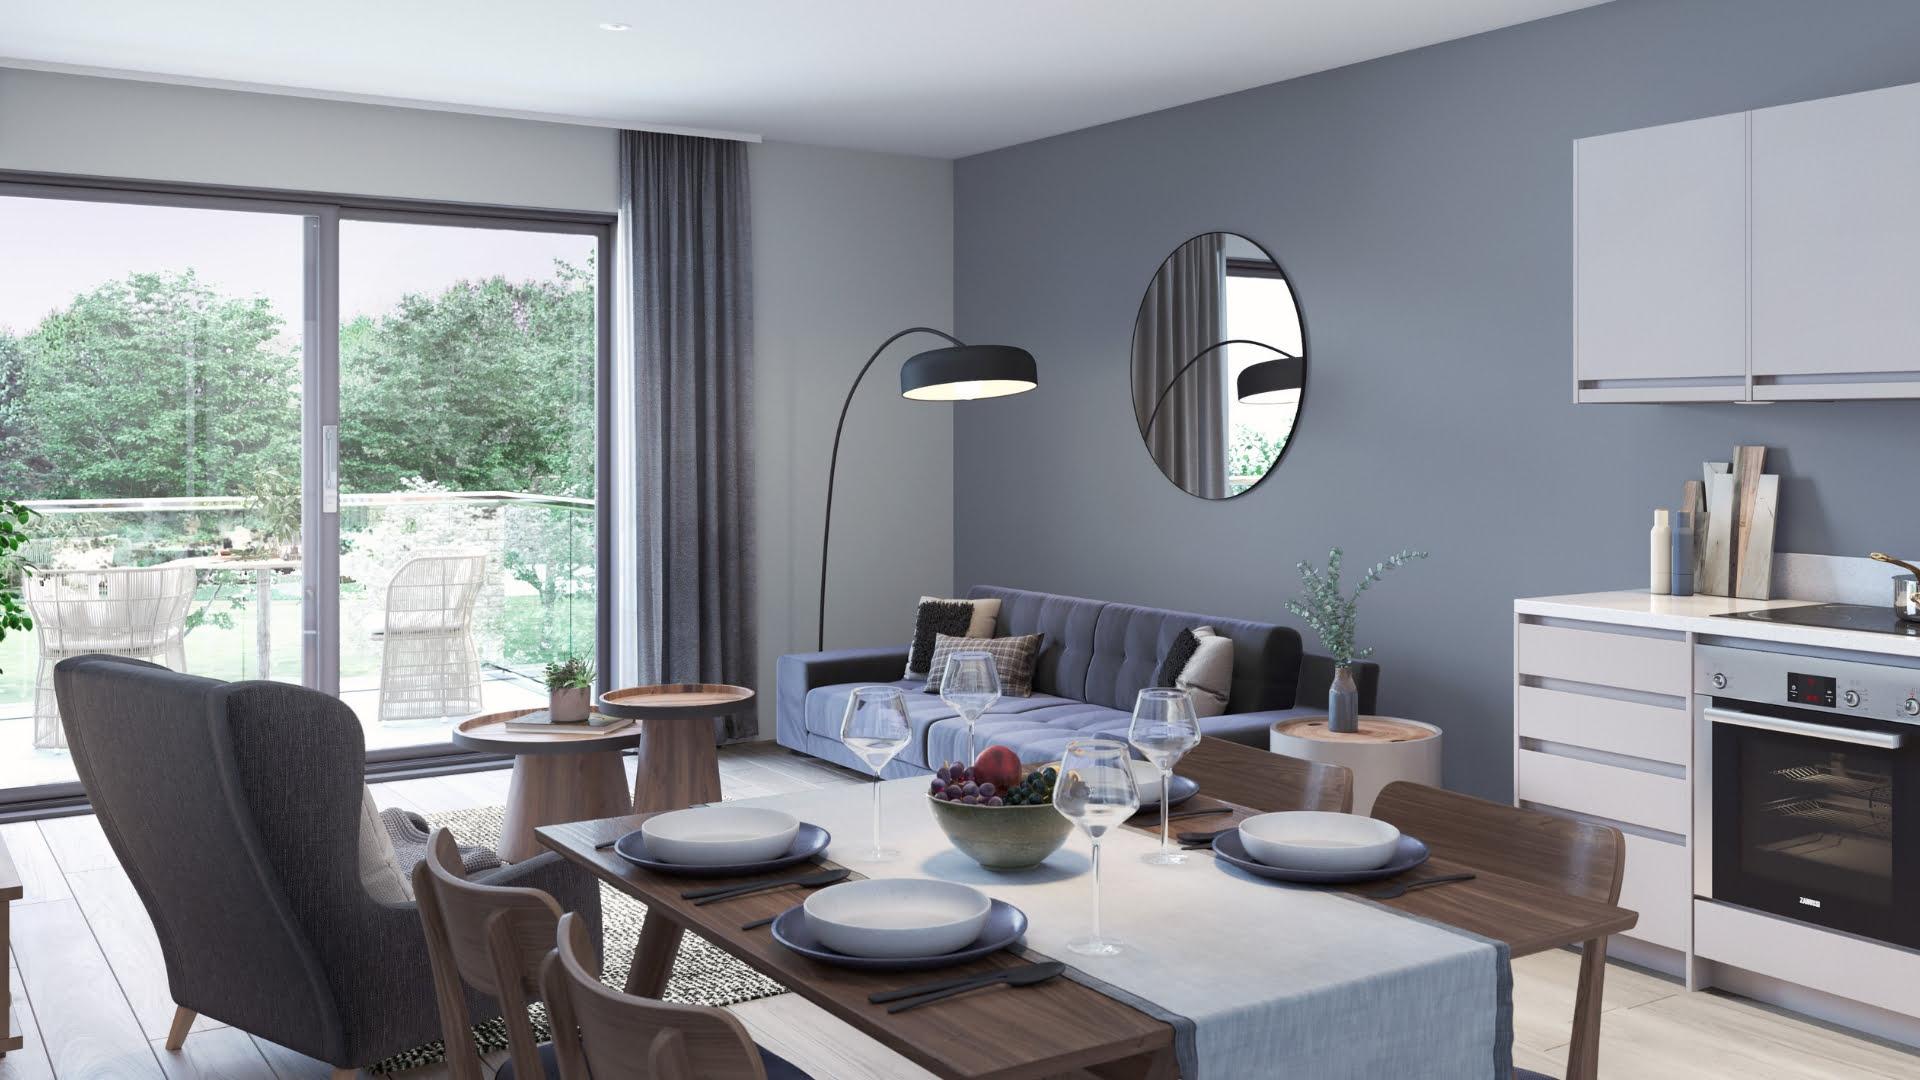 Designing Noma London Apartments For Stylish Living